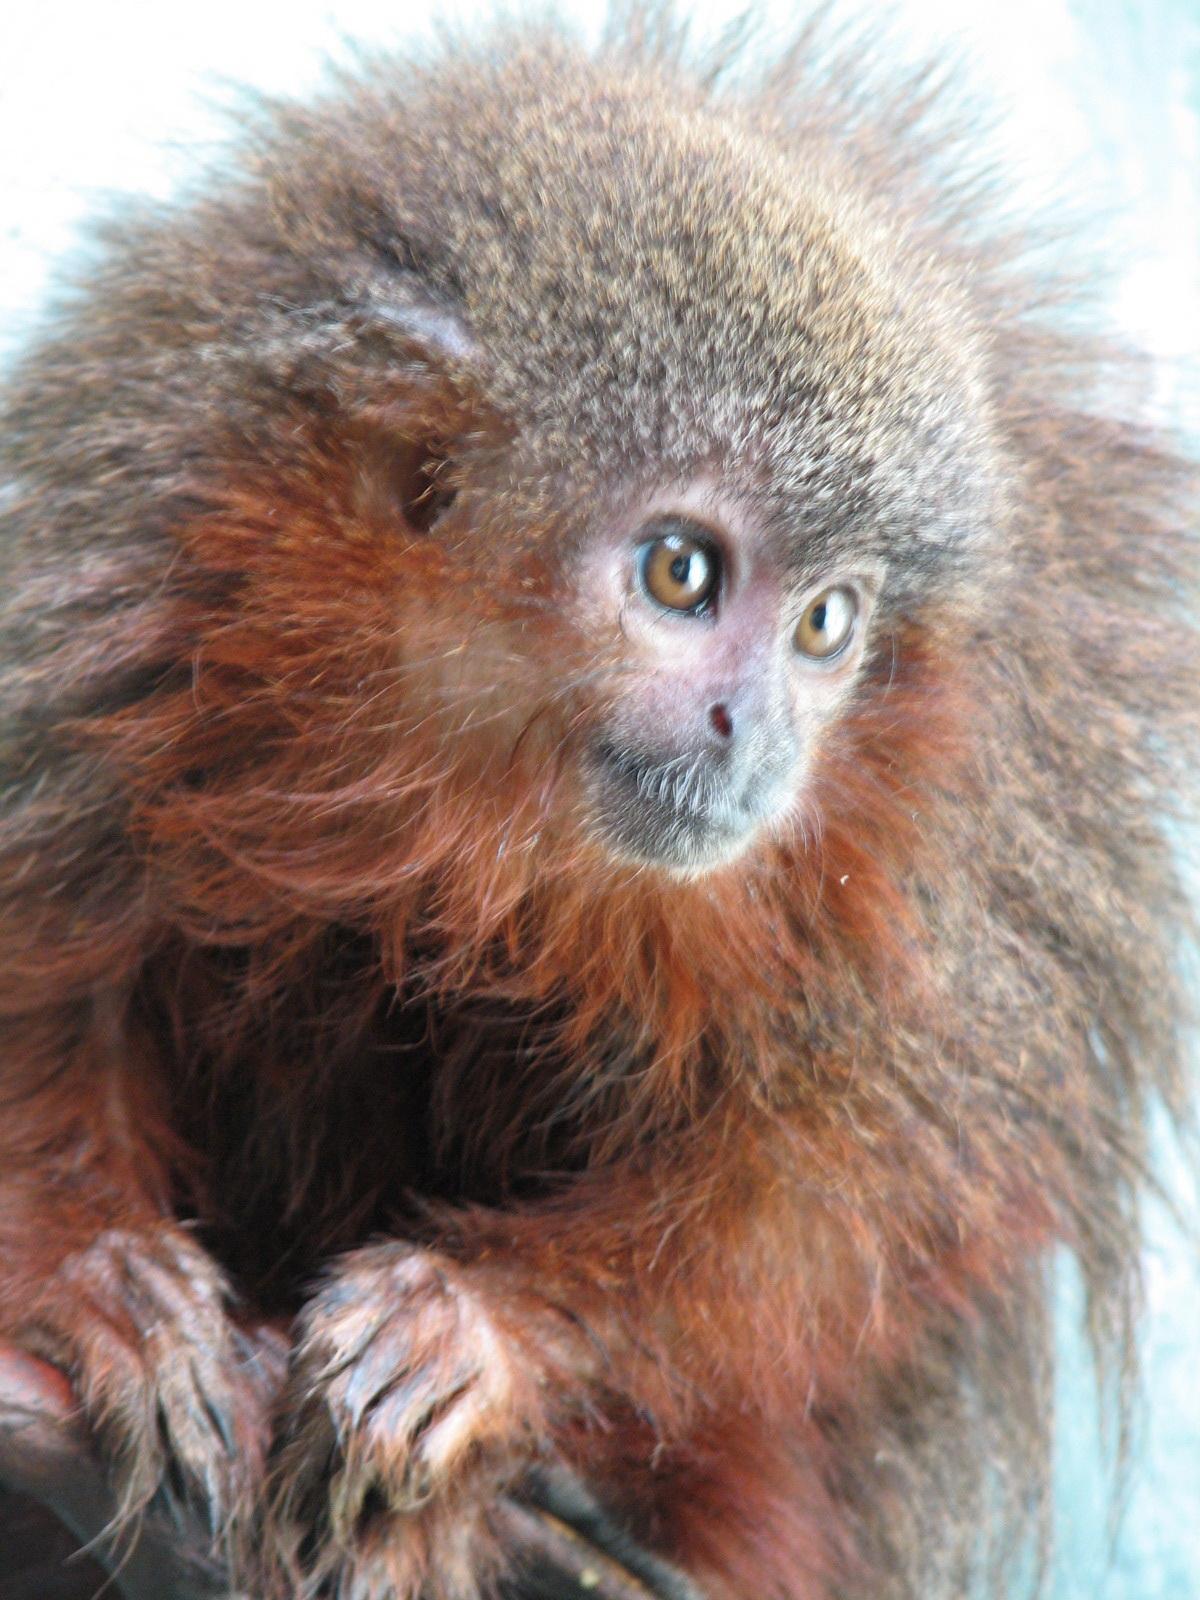 Ein schnurrender Affe ist unter den neu entdeckten Arten des WWF (Callicebus caquetensis) (Foto:Javier Garcia/WWF)